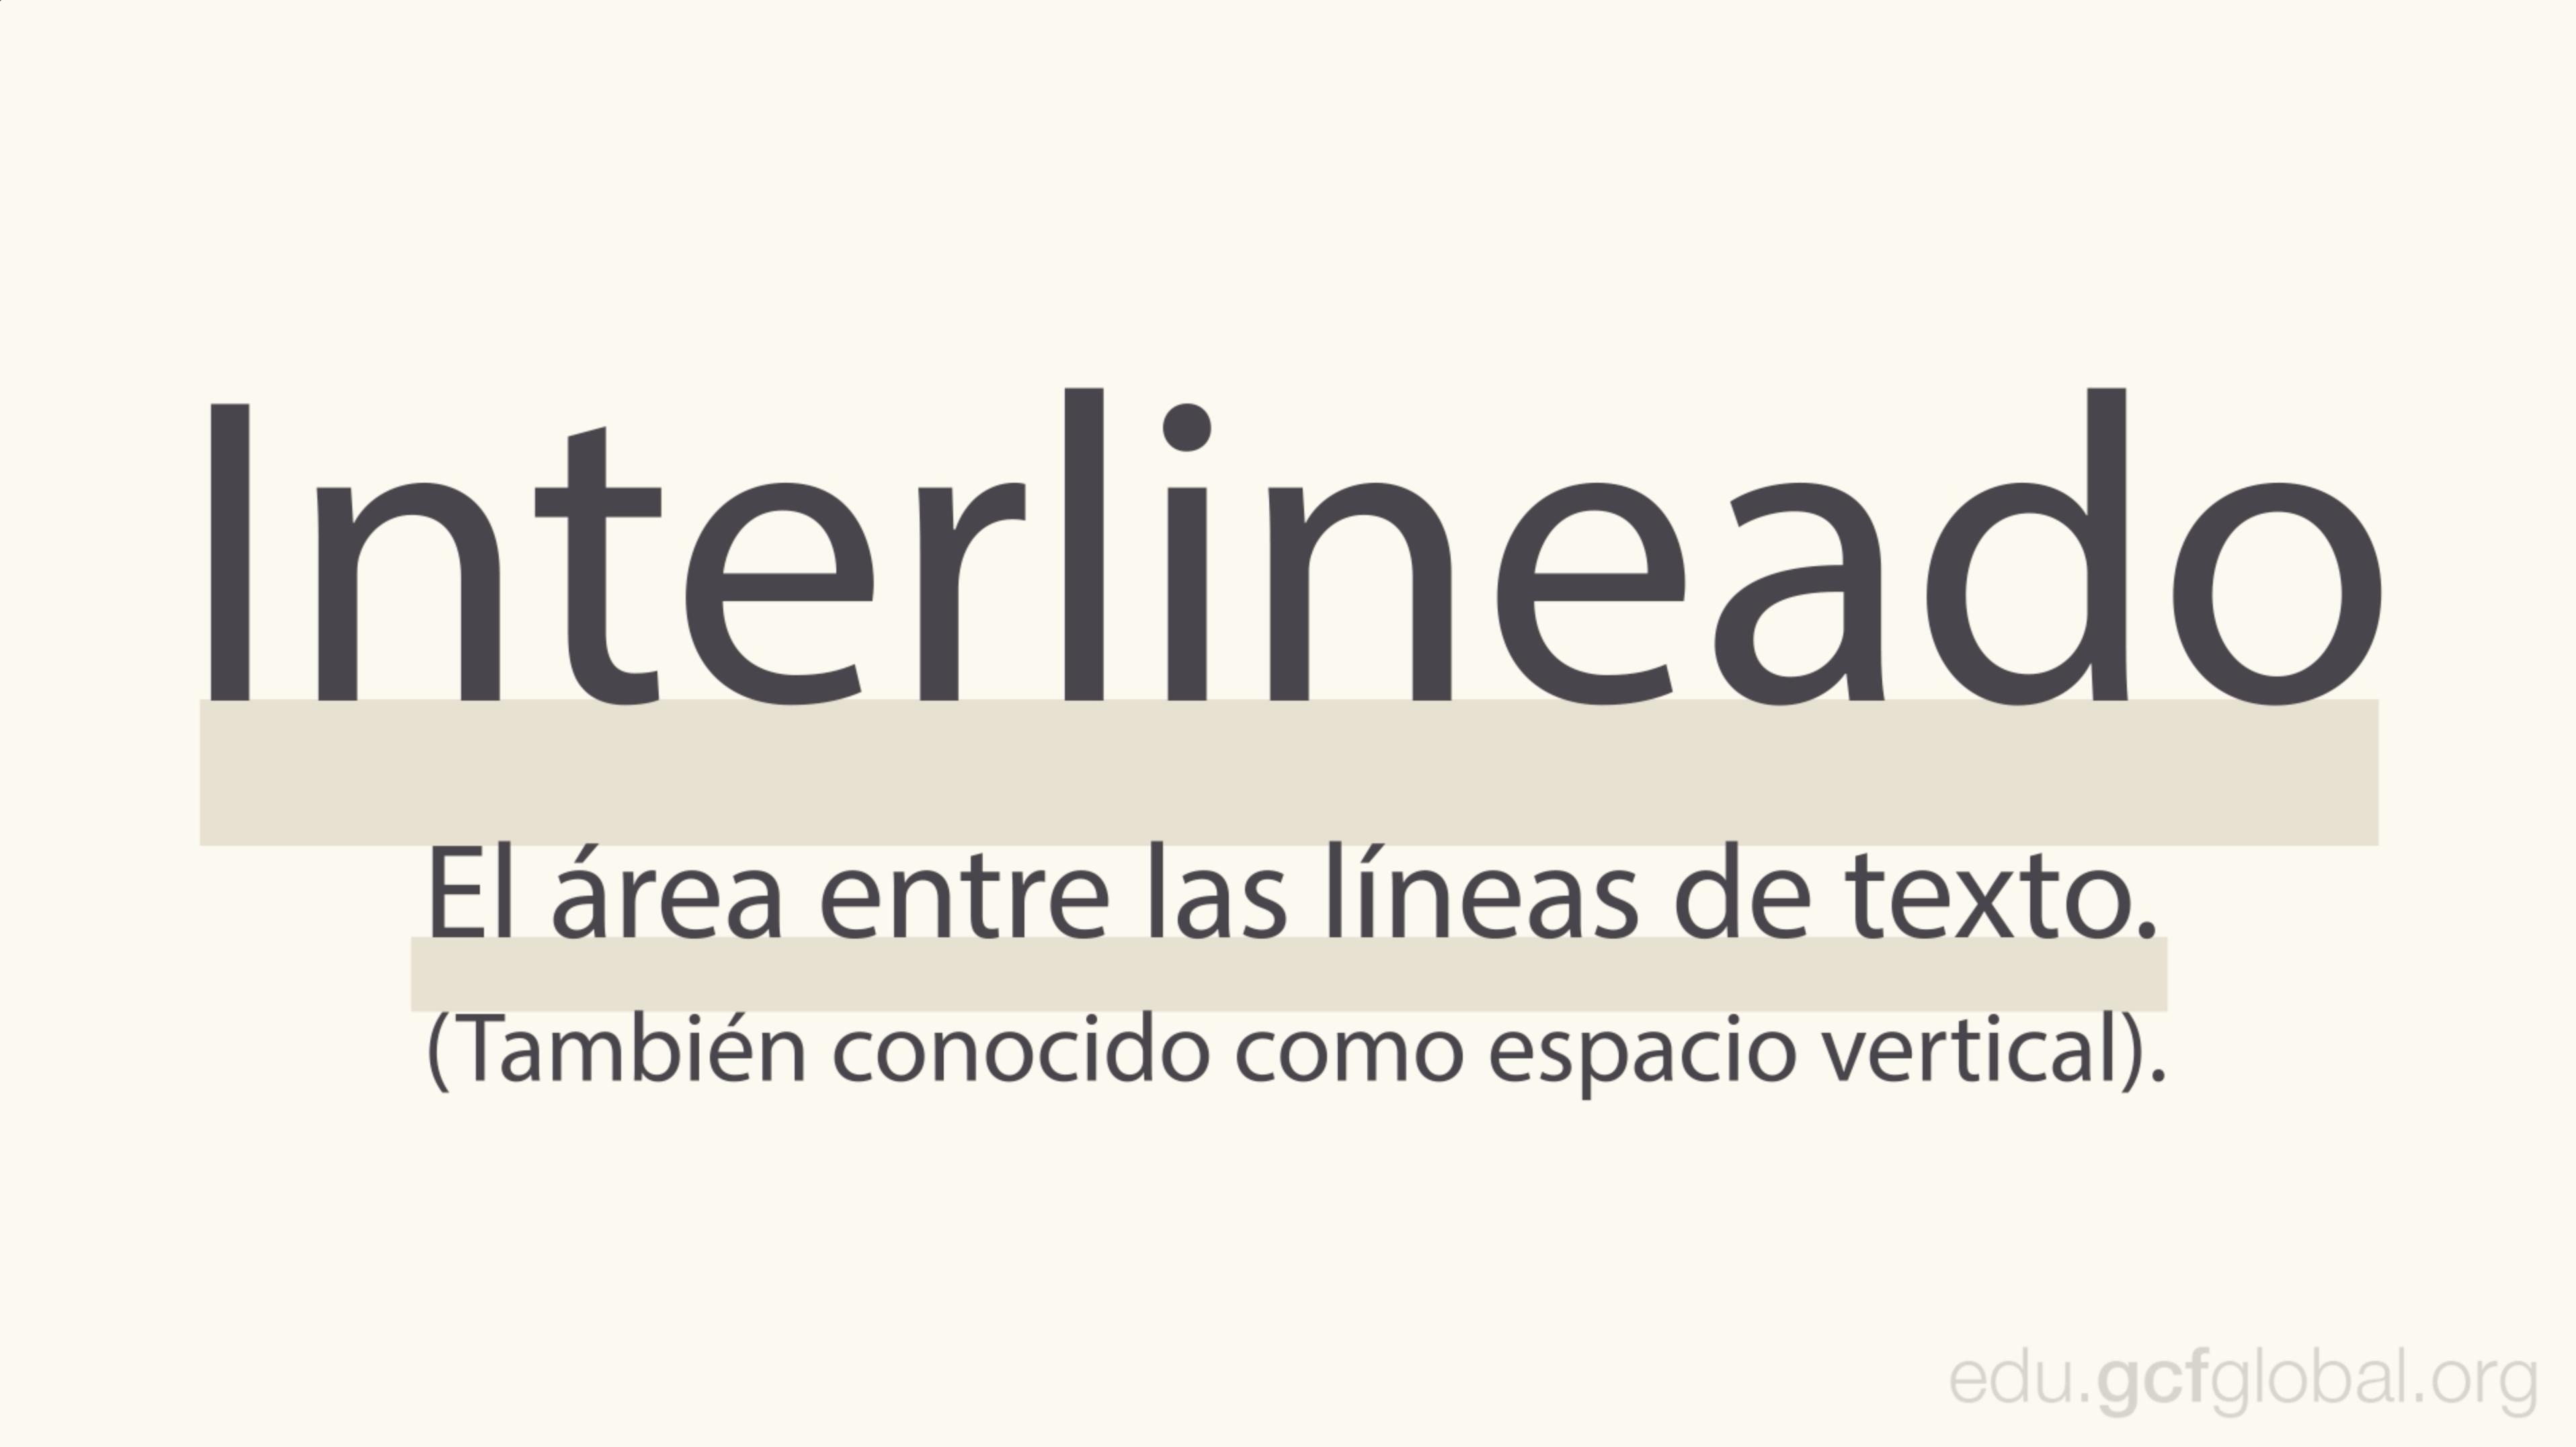 Imagen ejemplo de interlineado.